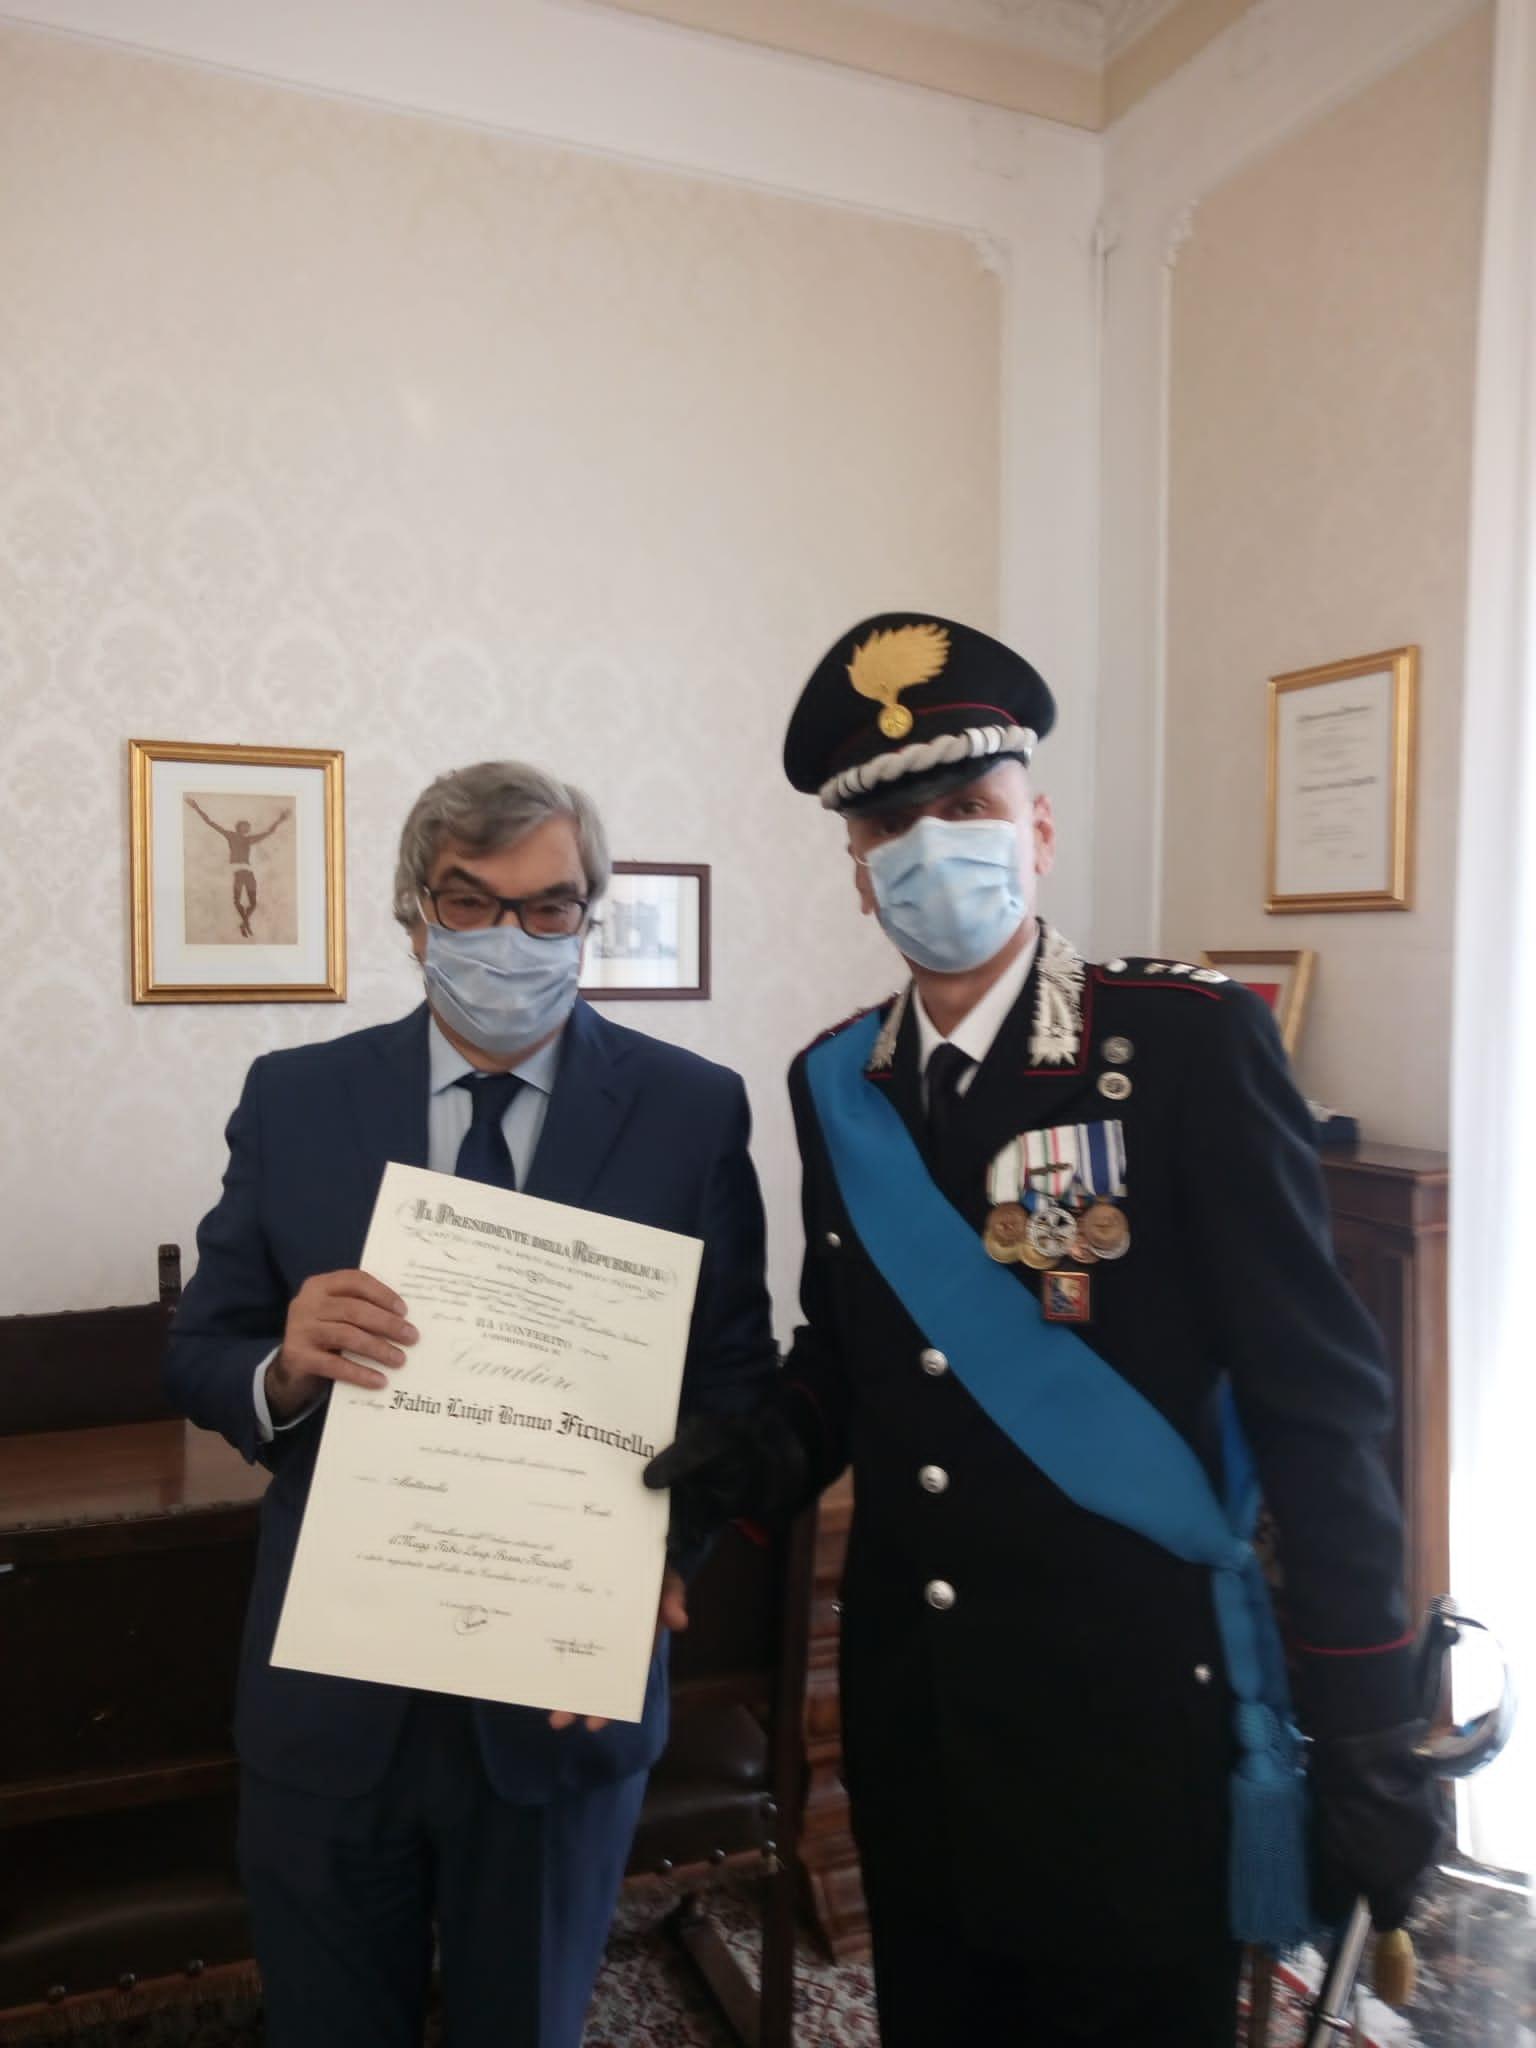 Fabio Ficuciello Cavaliere della Repubblica